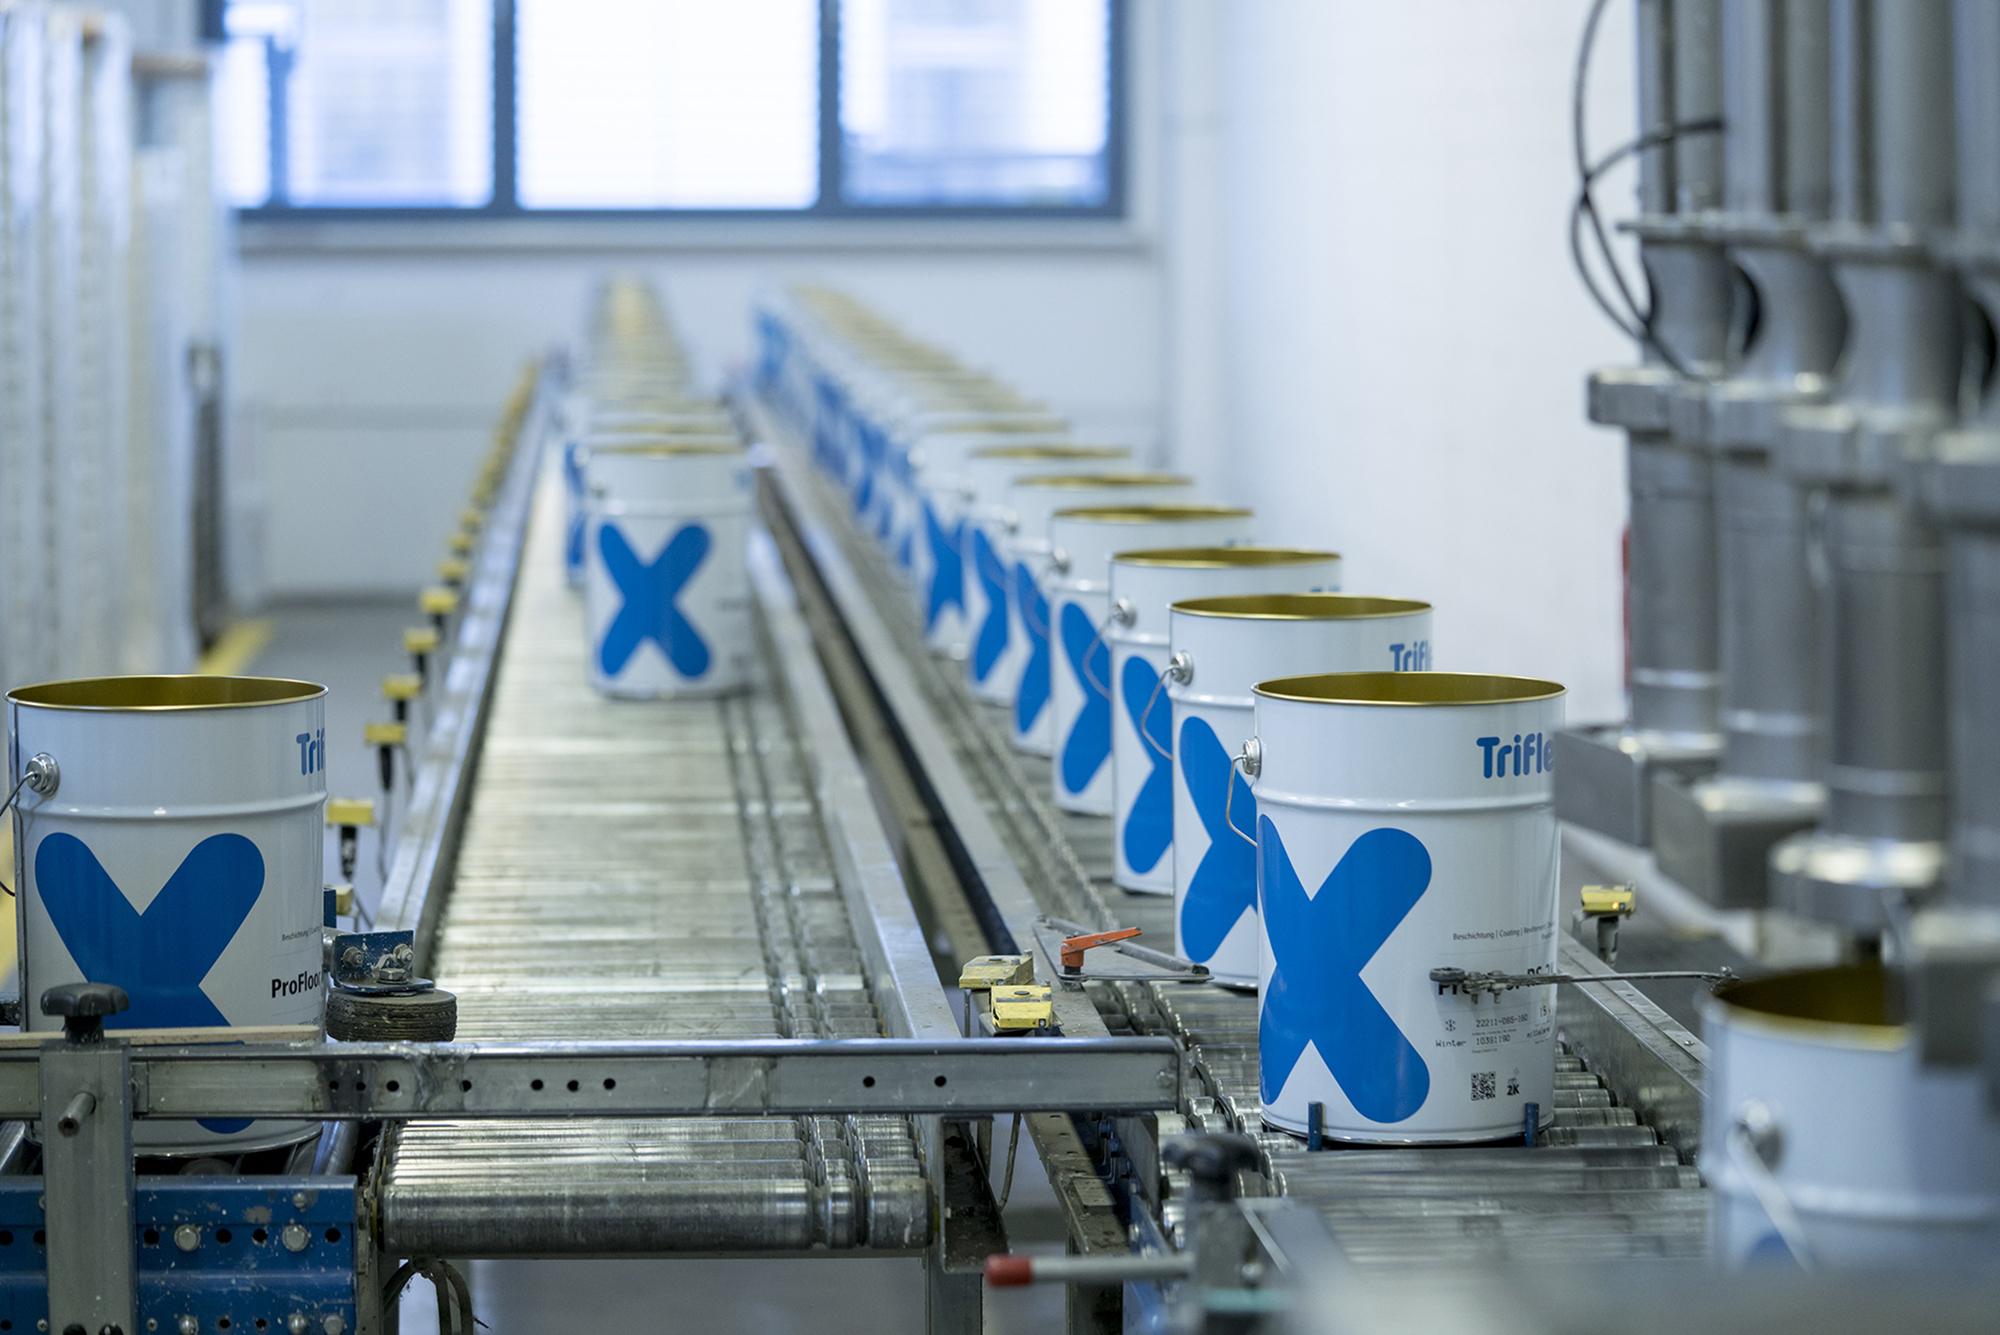 Die Abdichtungssysteme von Triflex sind für eine große Bandbreite von Anwendungen geeignet, vom Balkon bis zum Stadion. (Bild: Triflex)